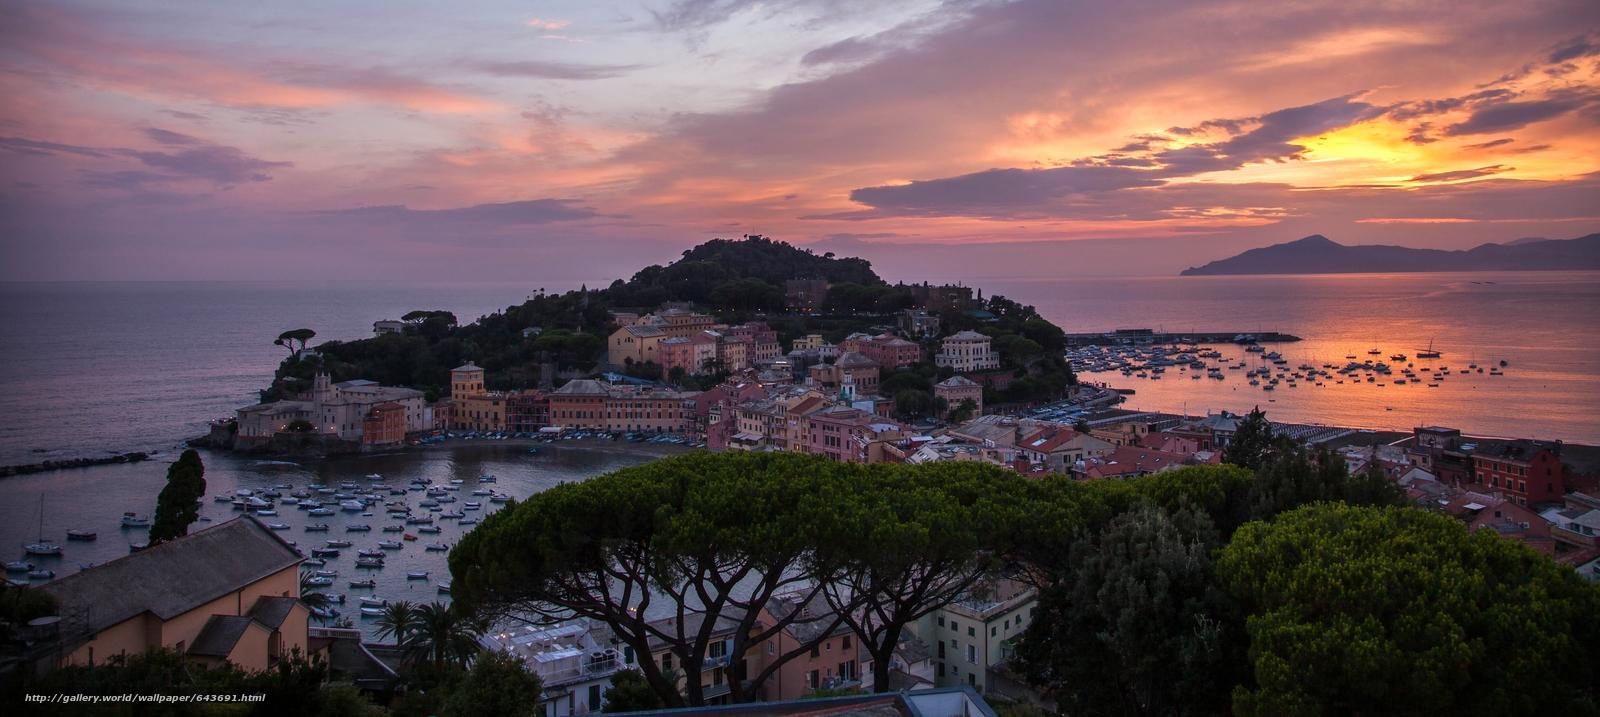 Обои bay of the fables, italy, bay of silence, ligurian sea, liguria, italian riviera. Города foto 6